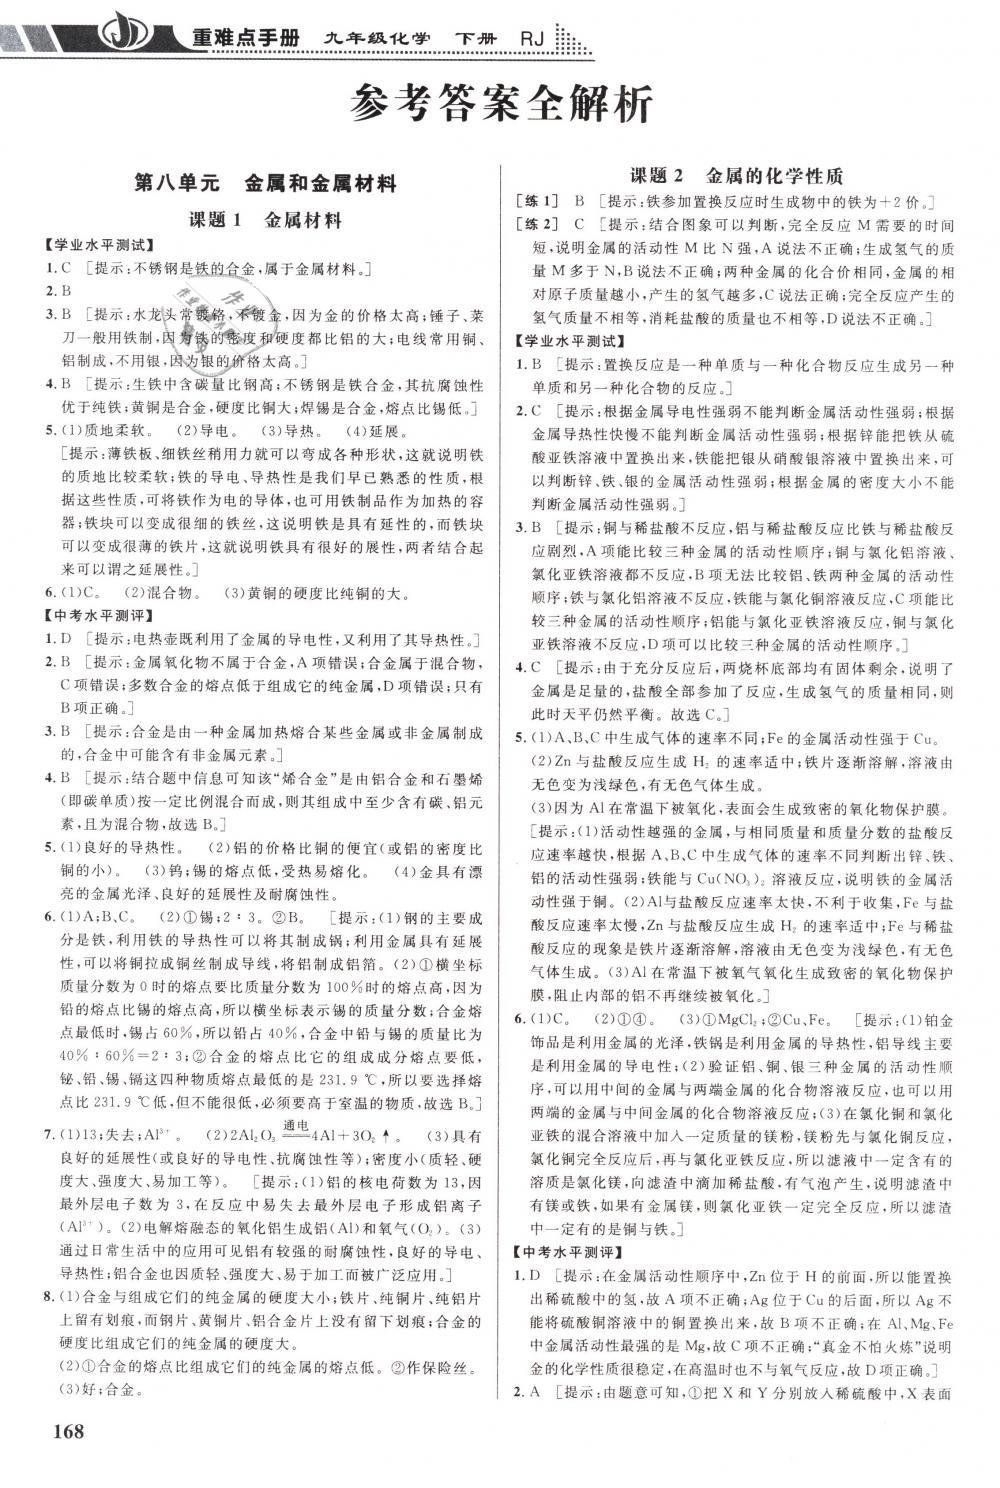 2019年重難點手冊九年級化學下冊人教版第1頁